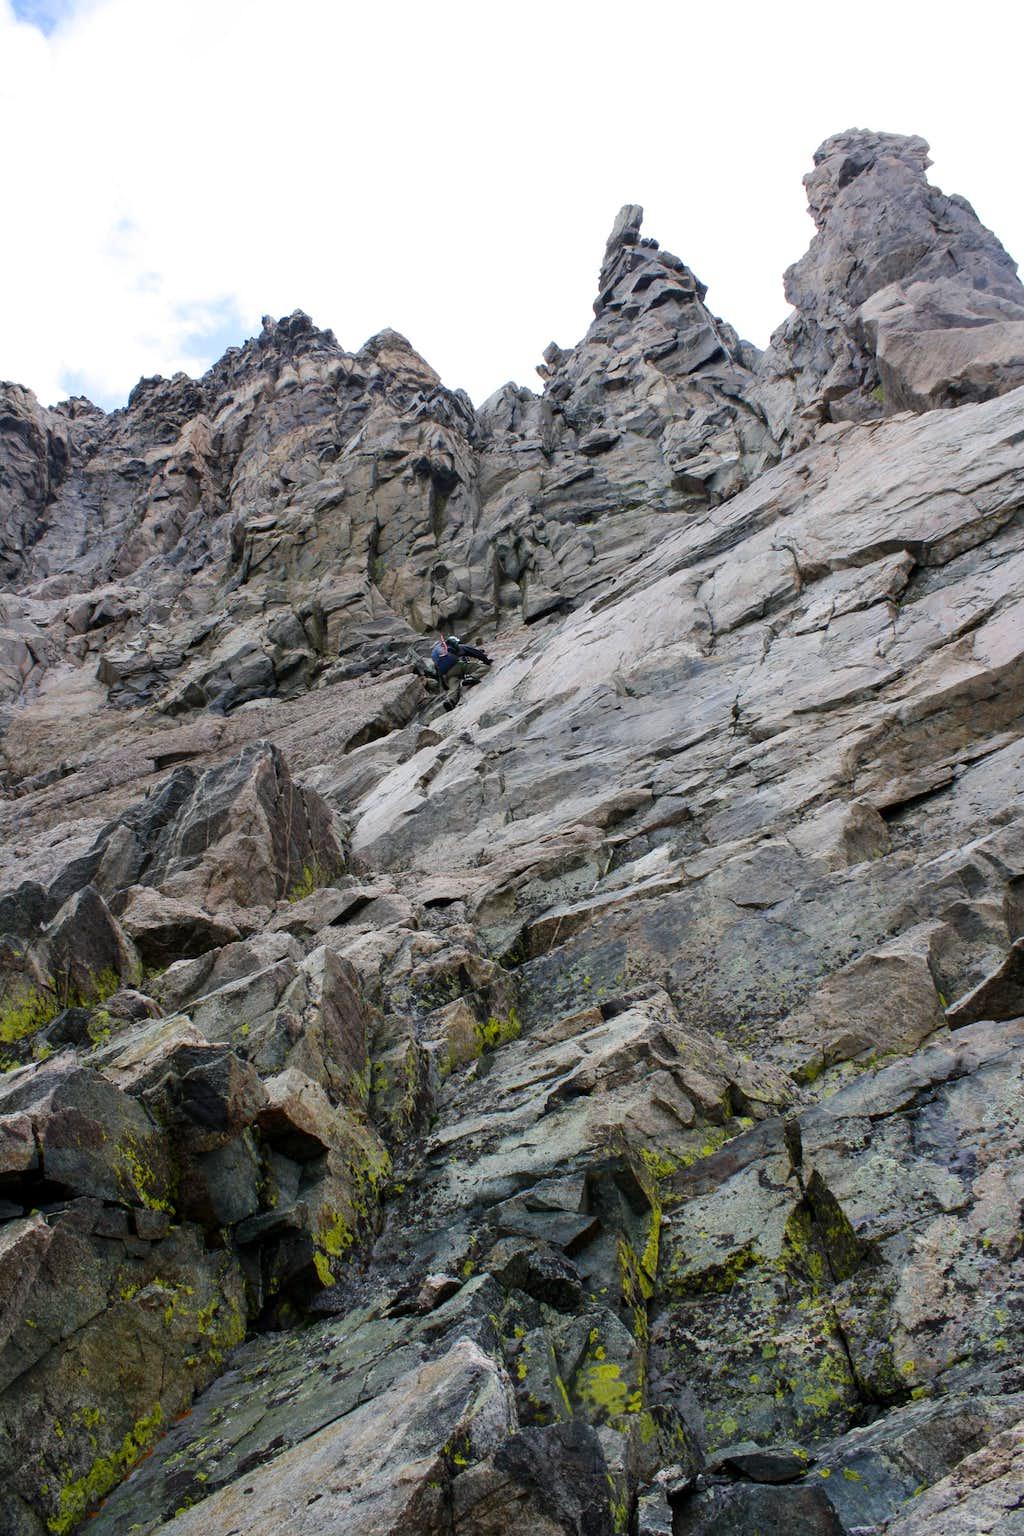 Steep Scrambling on Turret Peak